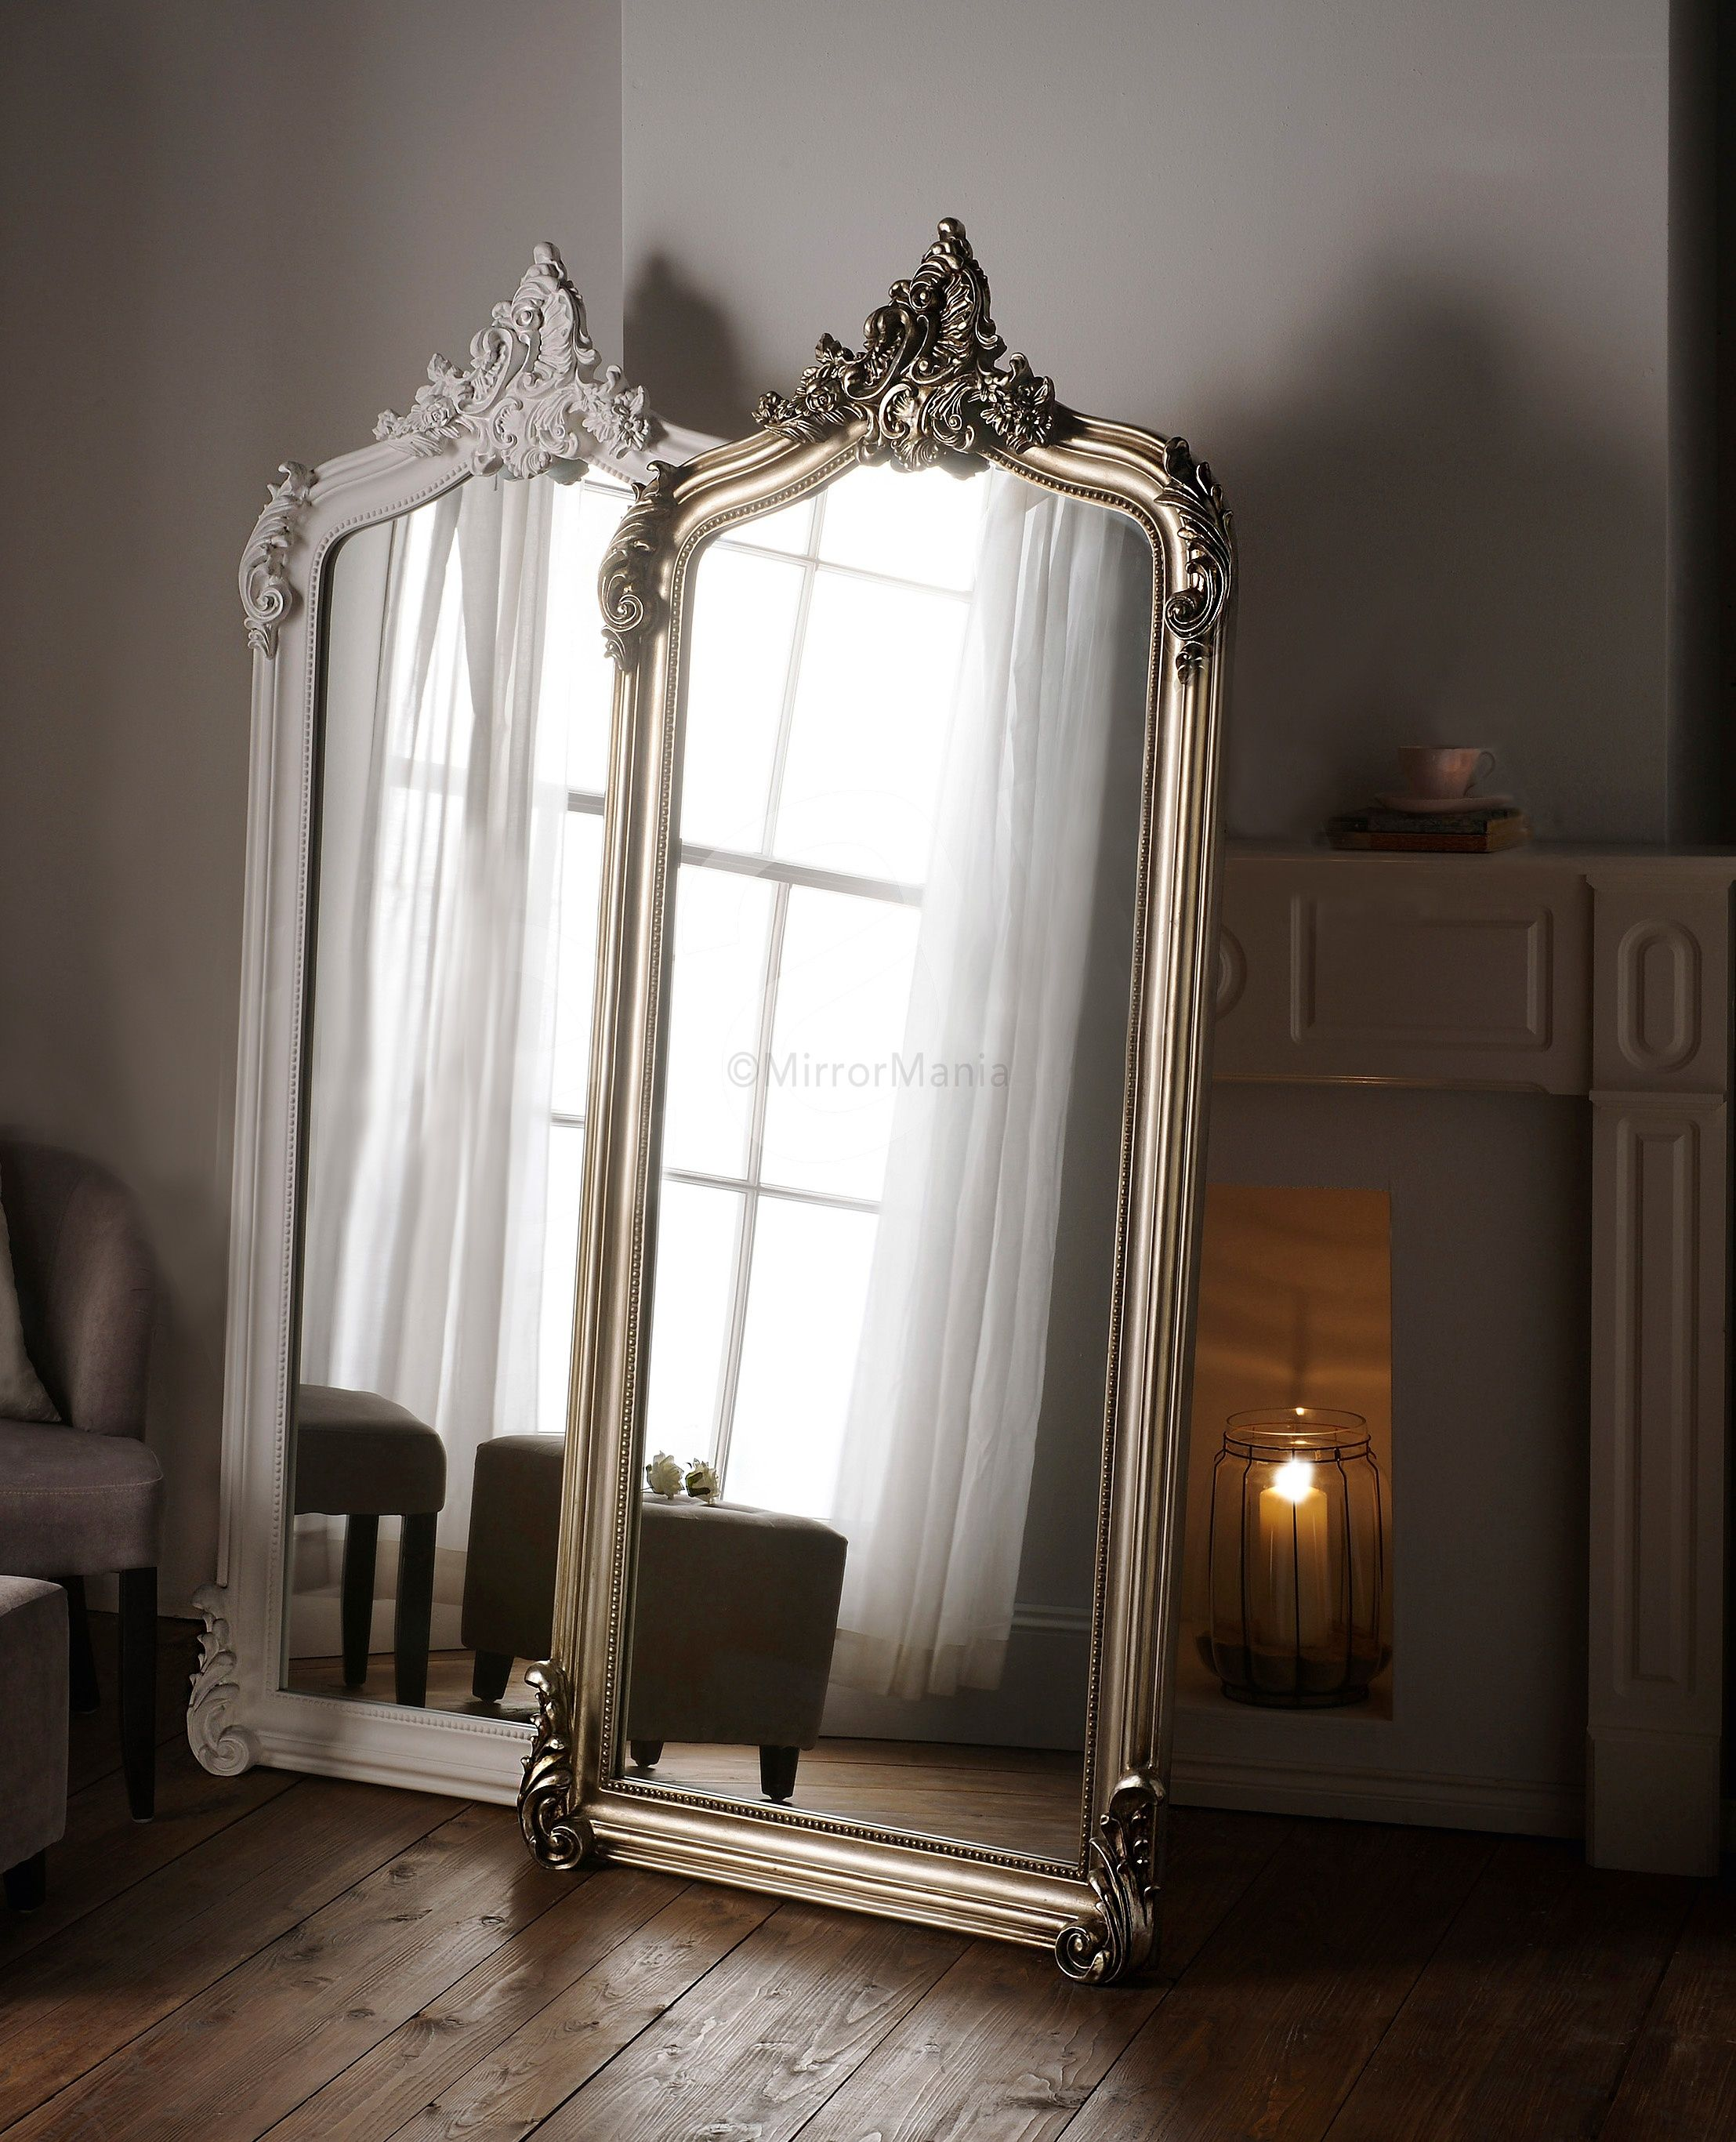 Nicoli Ornate Swept Framed Full Length Mirror All